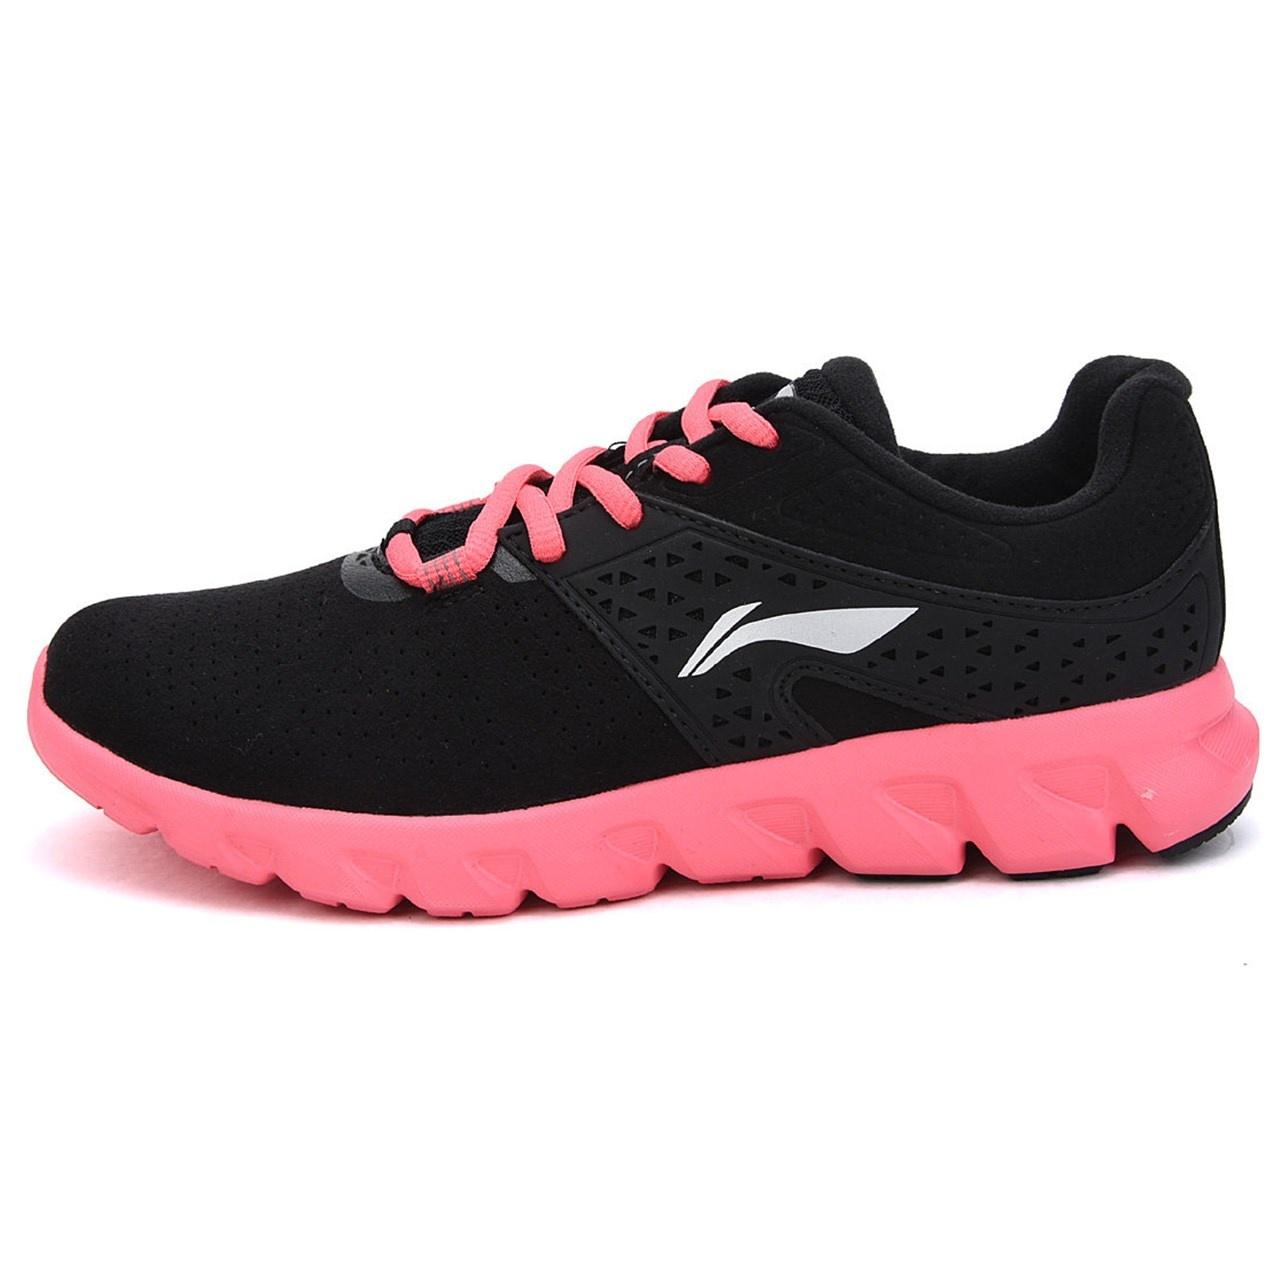 کفش مخصوص پیاده روی زنانه لی نینگ مدل ARHM004-5